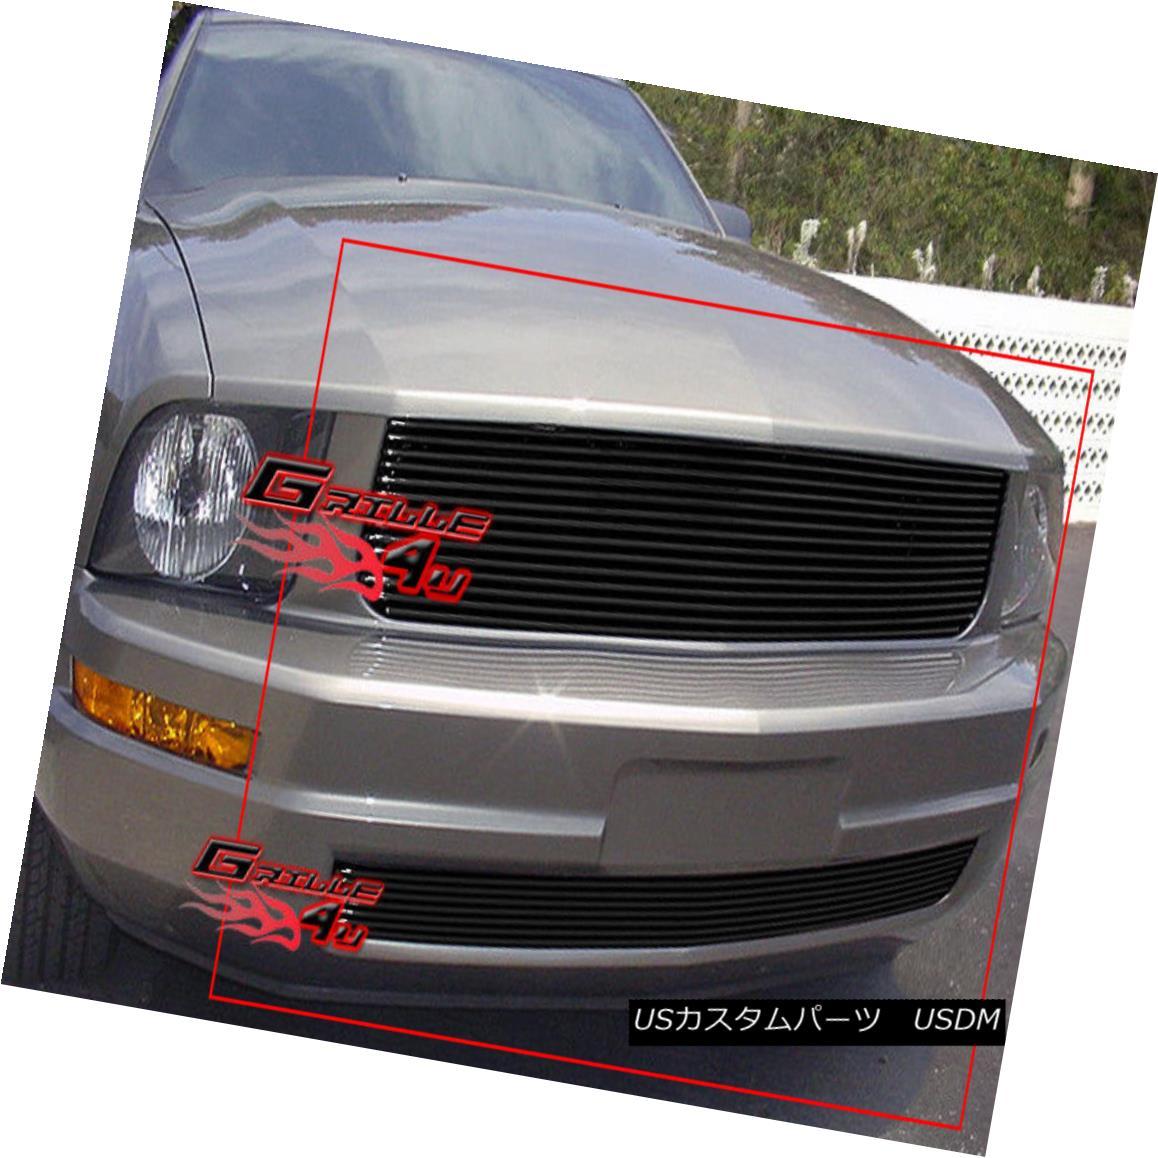 グリル For 05-09 Ford Mustang V6 Black Billet Grille Combo Insert 05-09フォードマスタングV6ブラックビレットグリルコンボインサート